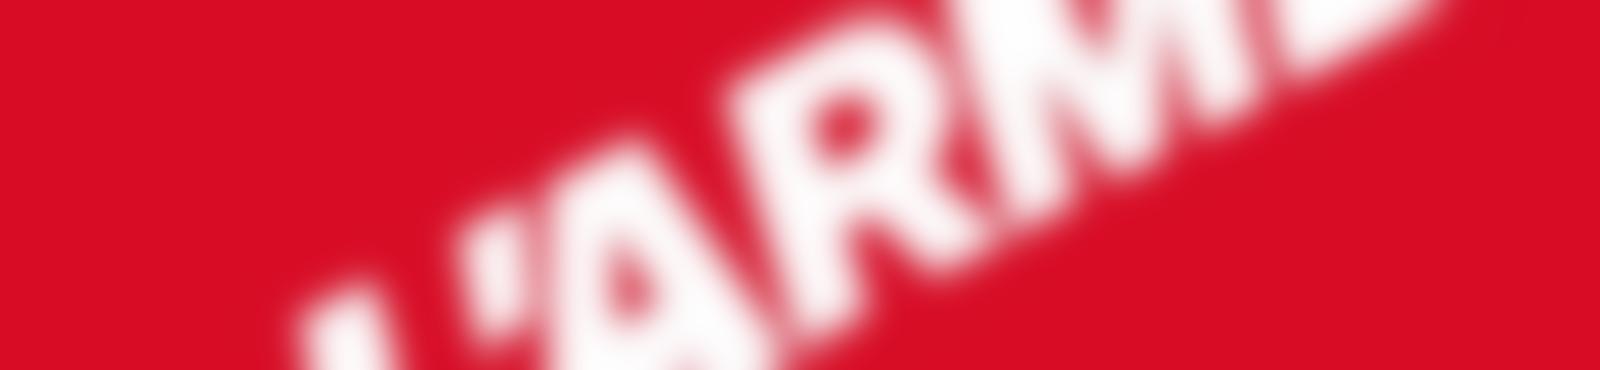 Blurred 0beb42a4 e30f 425e 94c6 6c6a072436dc